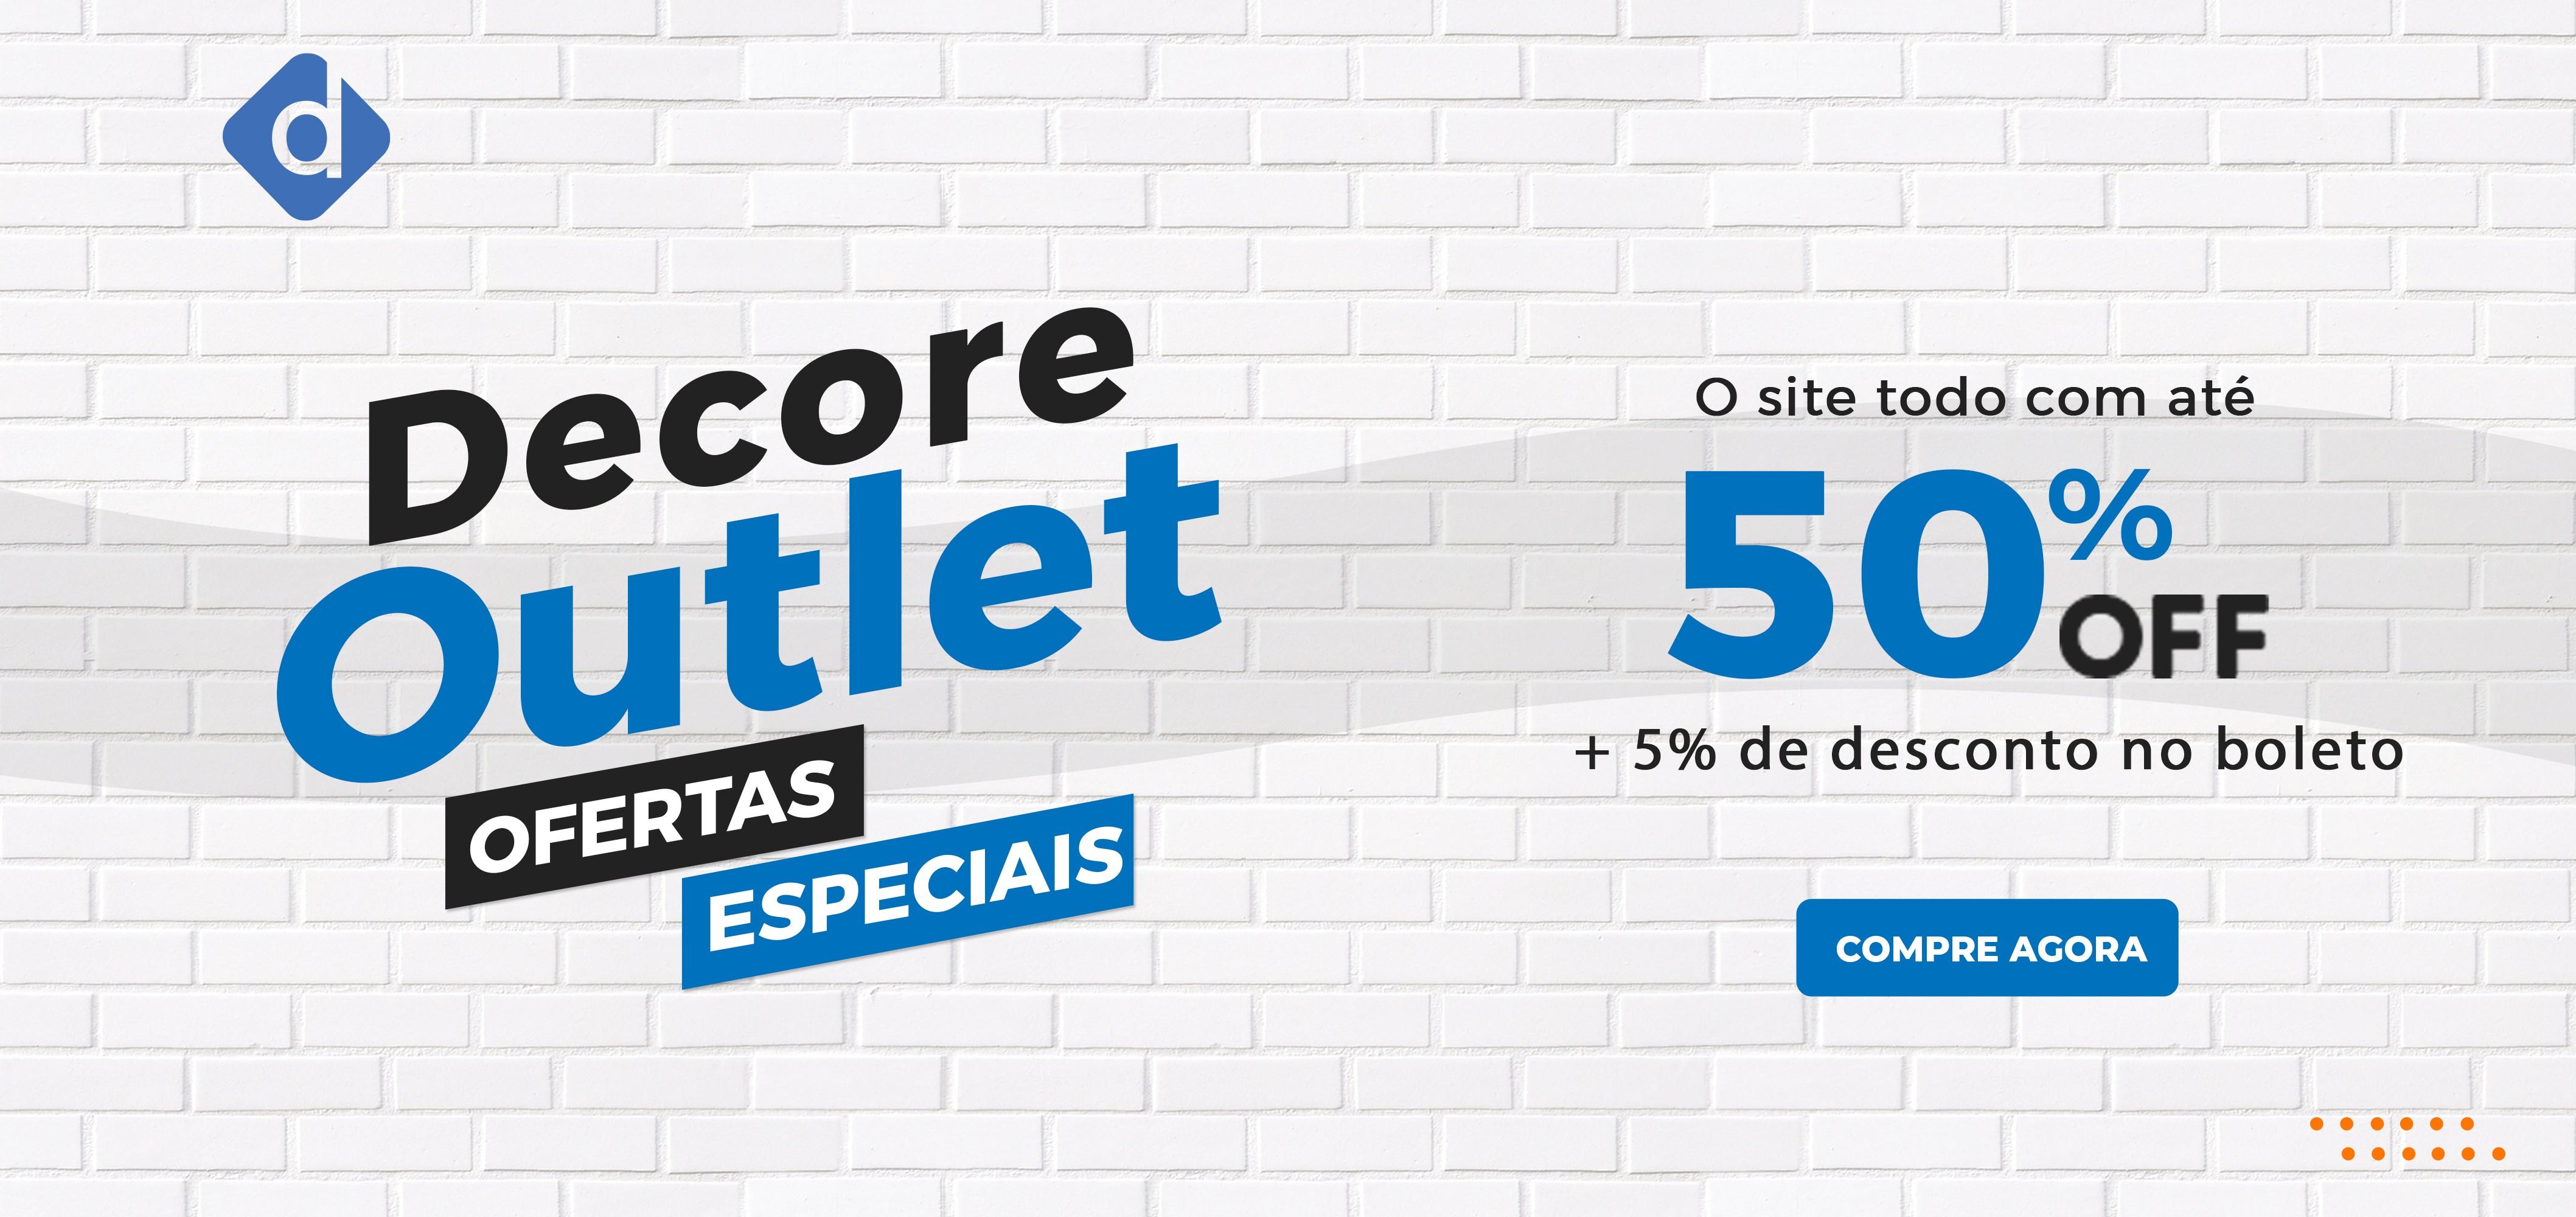 Outlet Decore - produtos com até 50% off + 5% de desconto no boleto